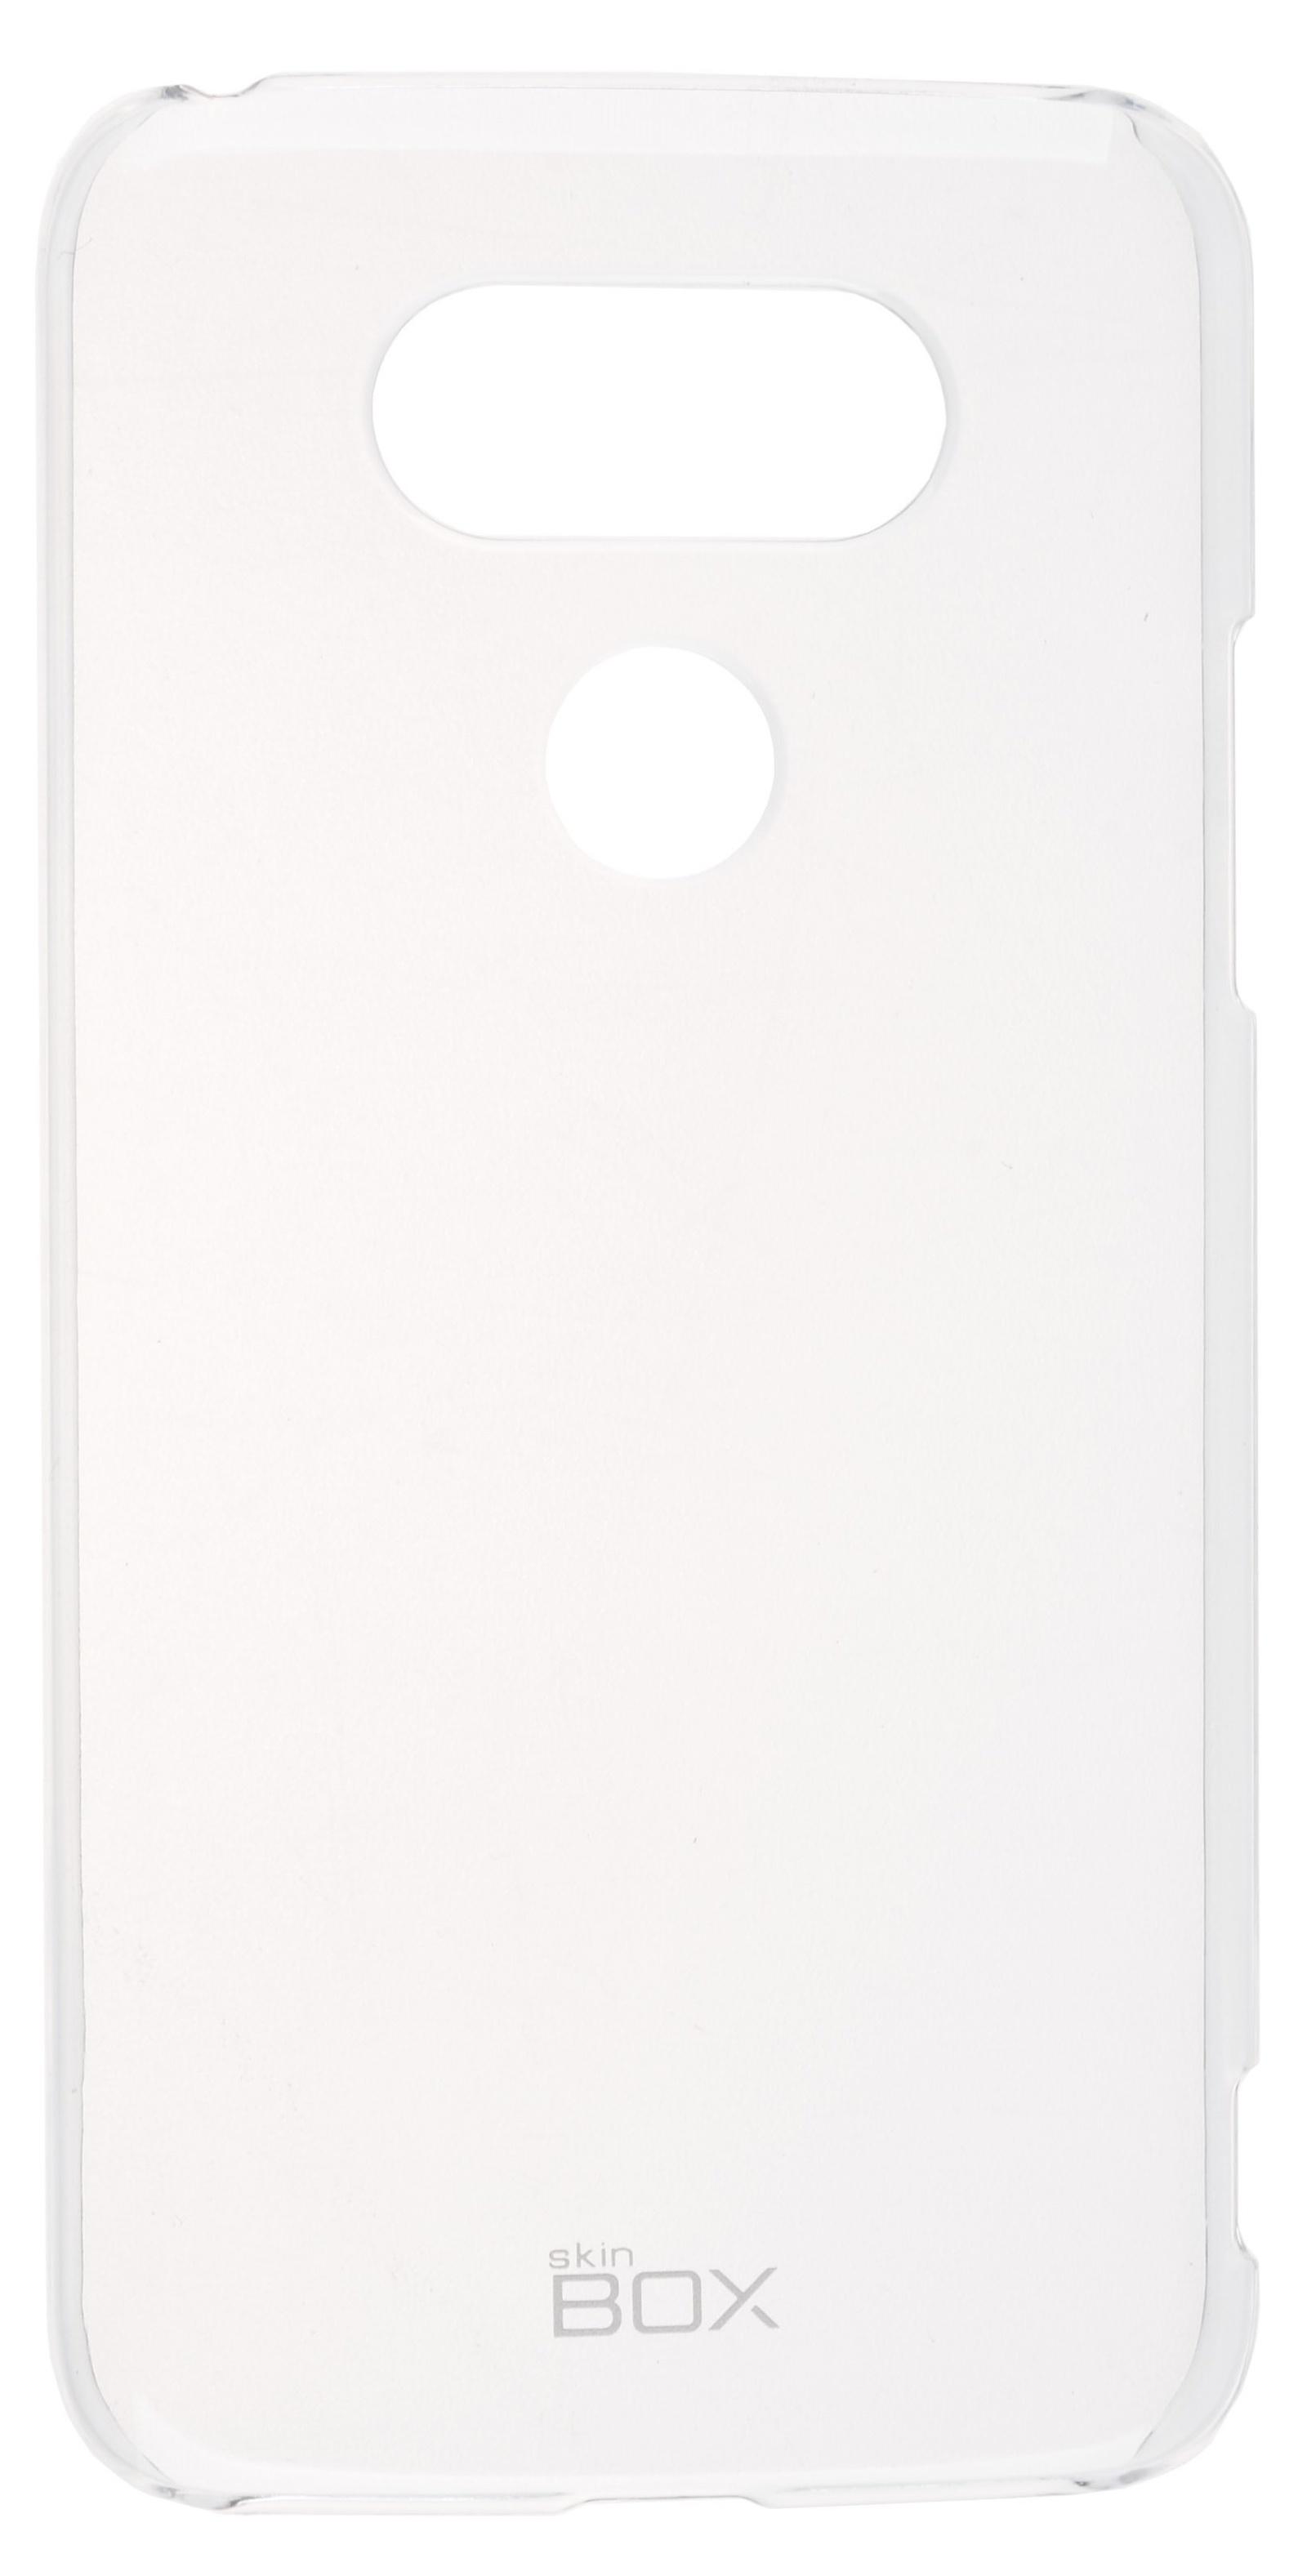 Чехол для сотового телефона skinBOX Crystal, 4660041407549, прозрачный чехол для сотового телефона skinbox crystal 4630042528109 прозрачный